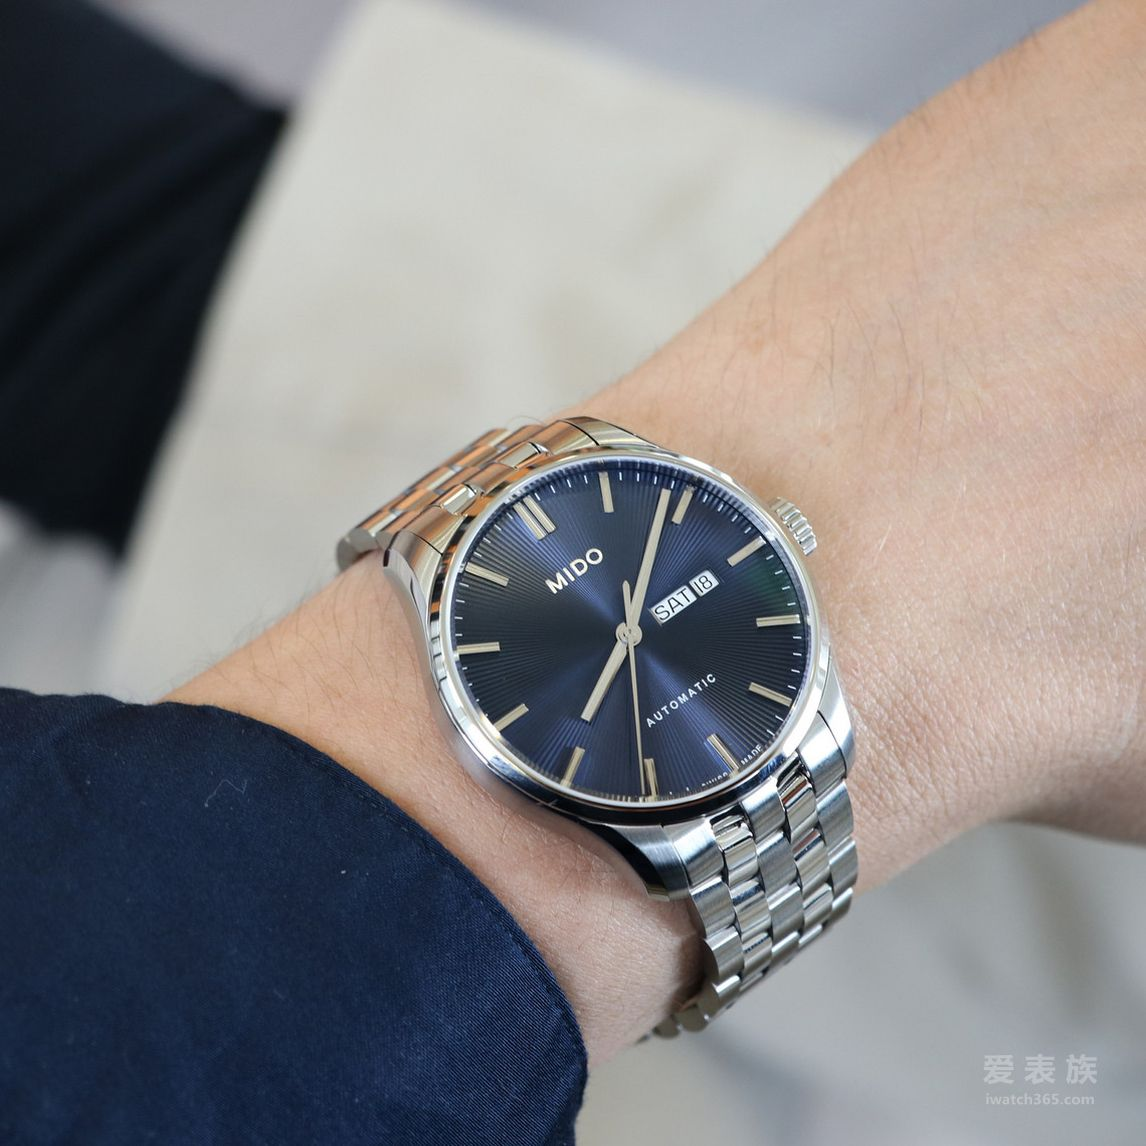 魅力深蓝正当时 瑞士美度表蓝色表盘腕表推荐